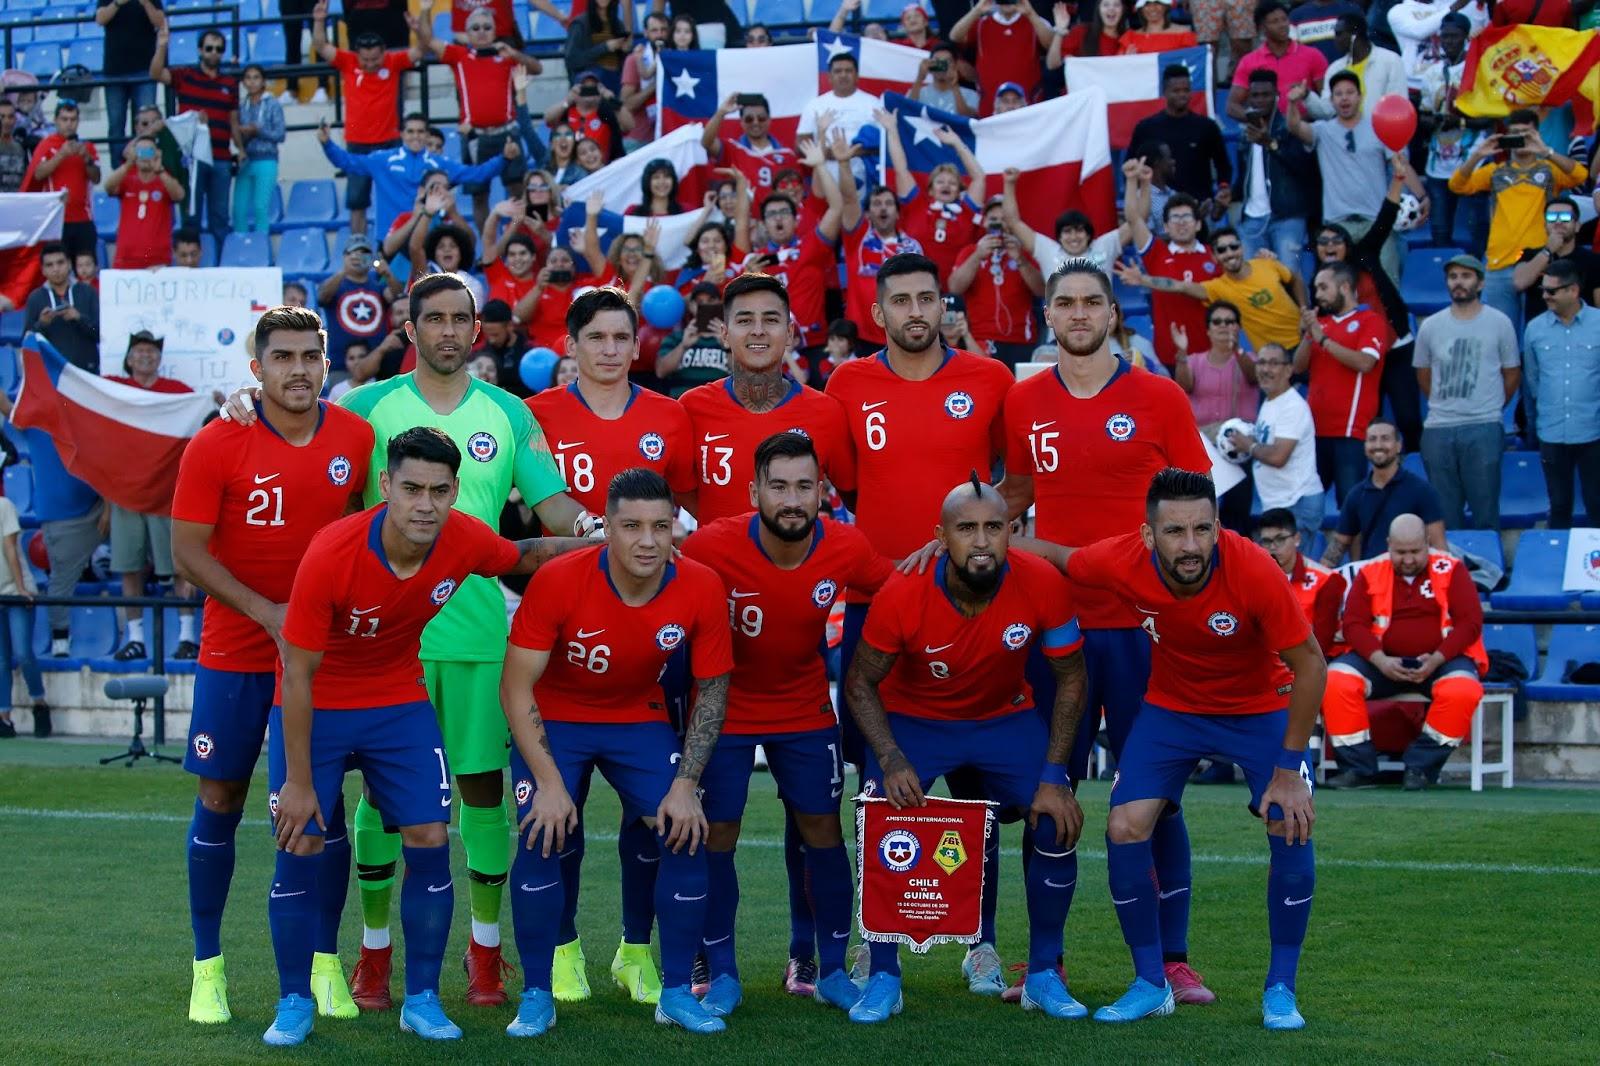 Formación de Chile ante Guinea, amistoso disputado el 15 de octubre de 2019